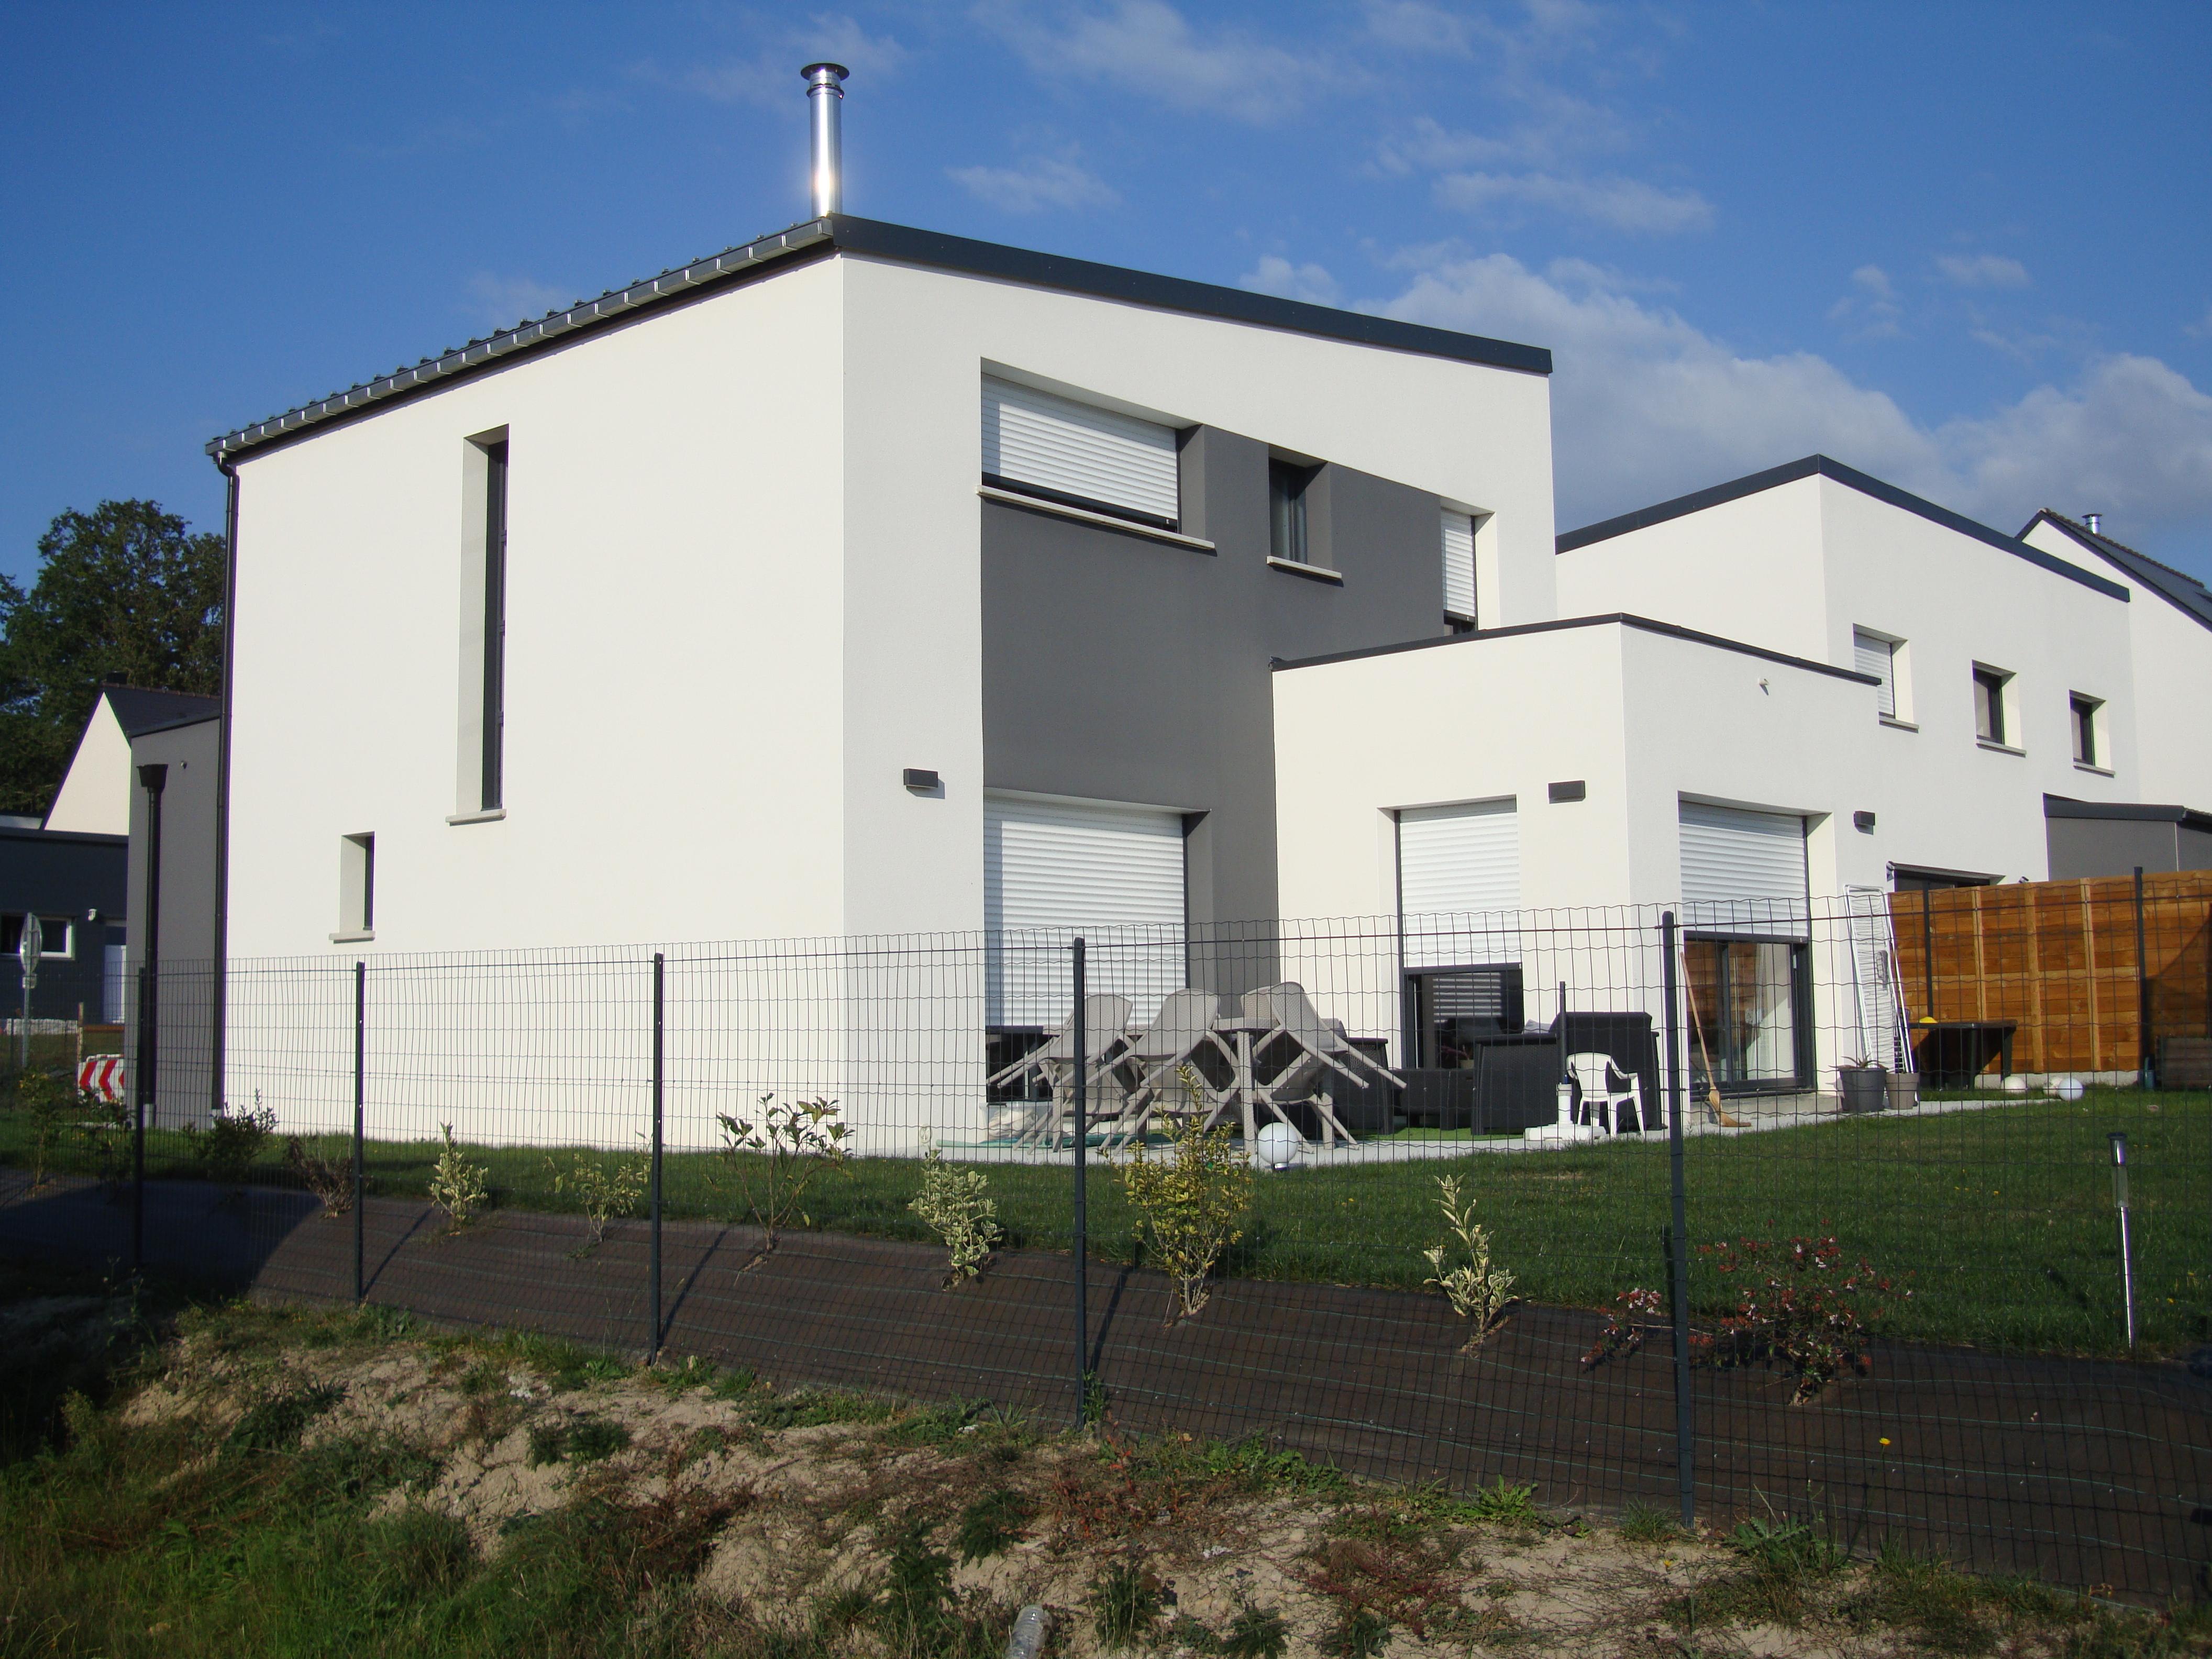 Constructeur De Maison Rennes cocoon habitat au salon de l'immobilier à rennes 2018